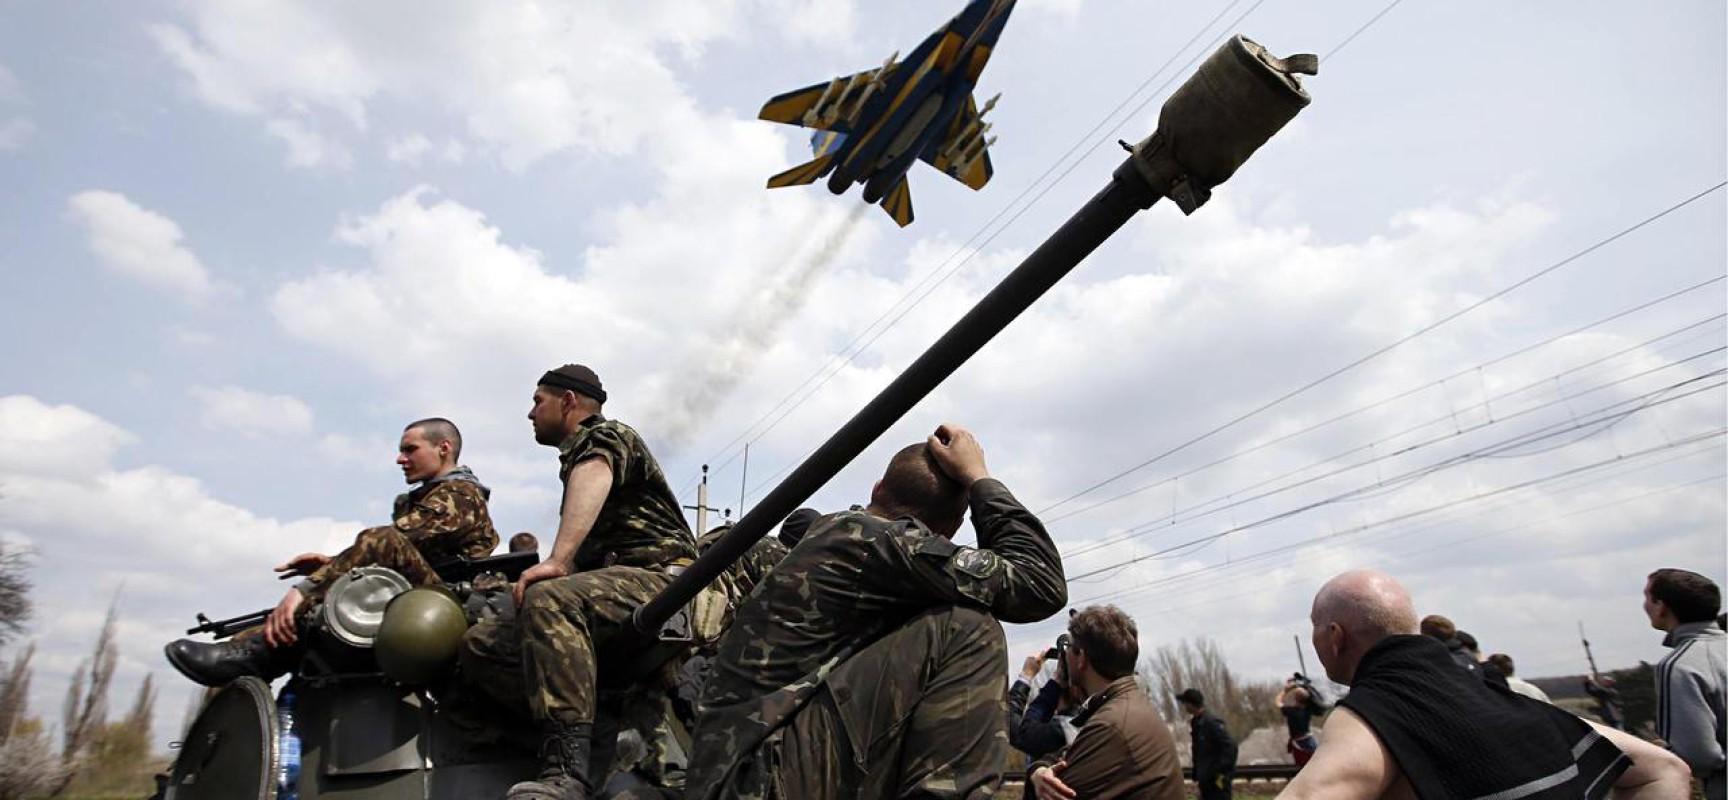 Воєнний стан можуть ввести лише на території Донецької і Луганської областей – нардеп